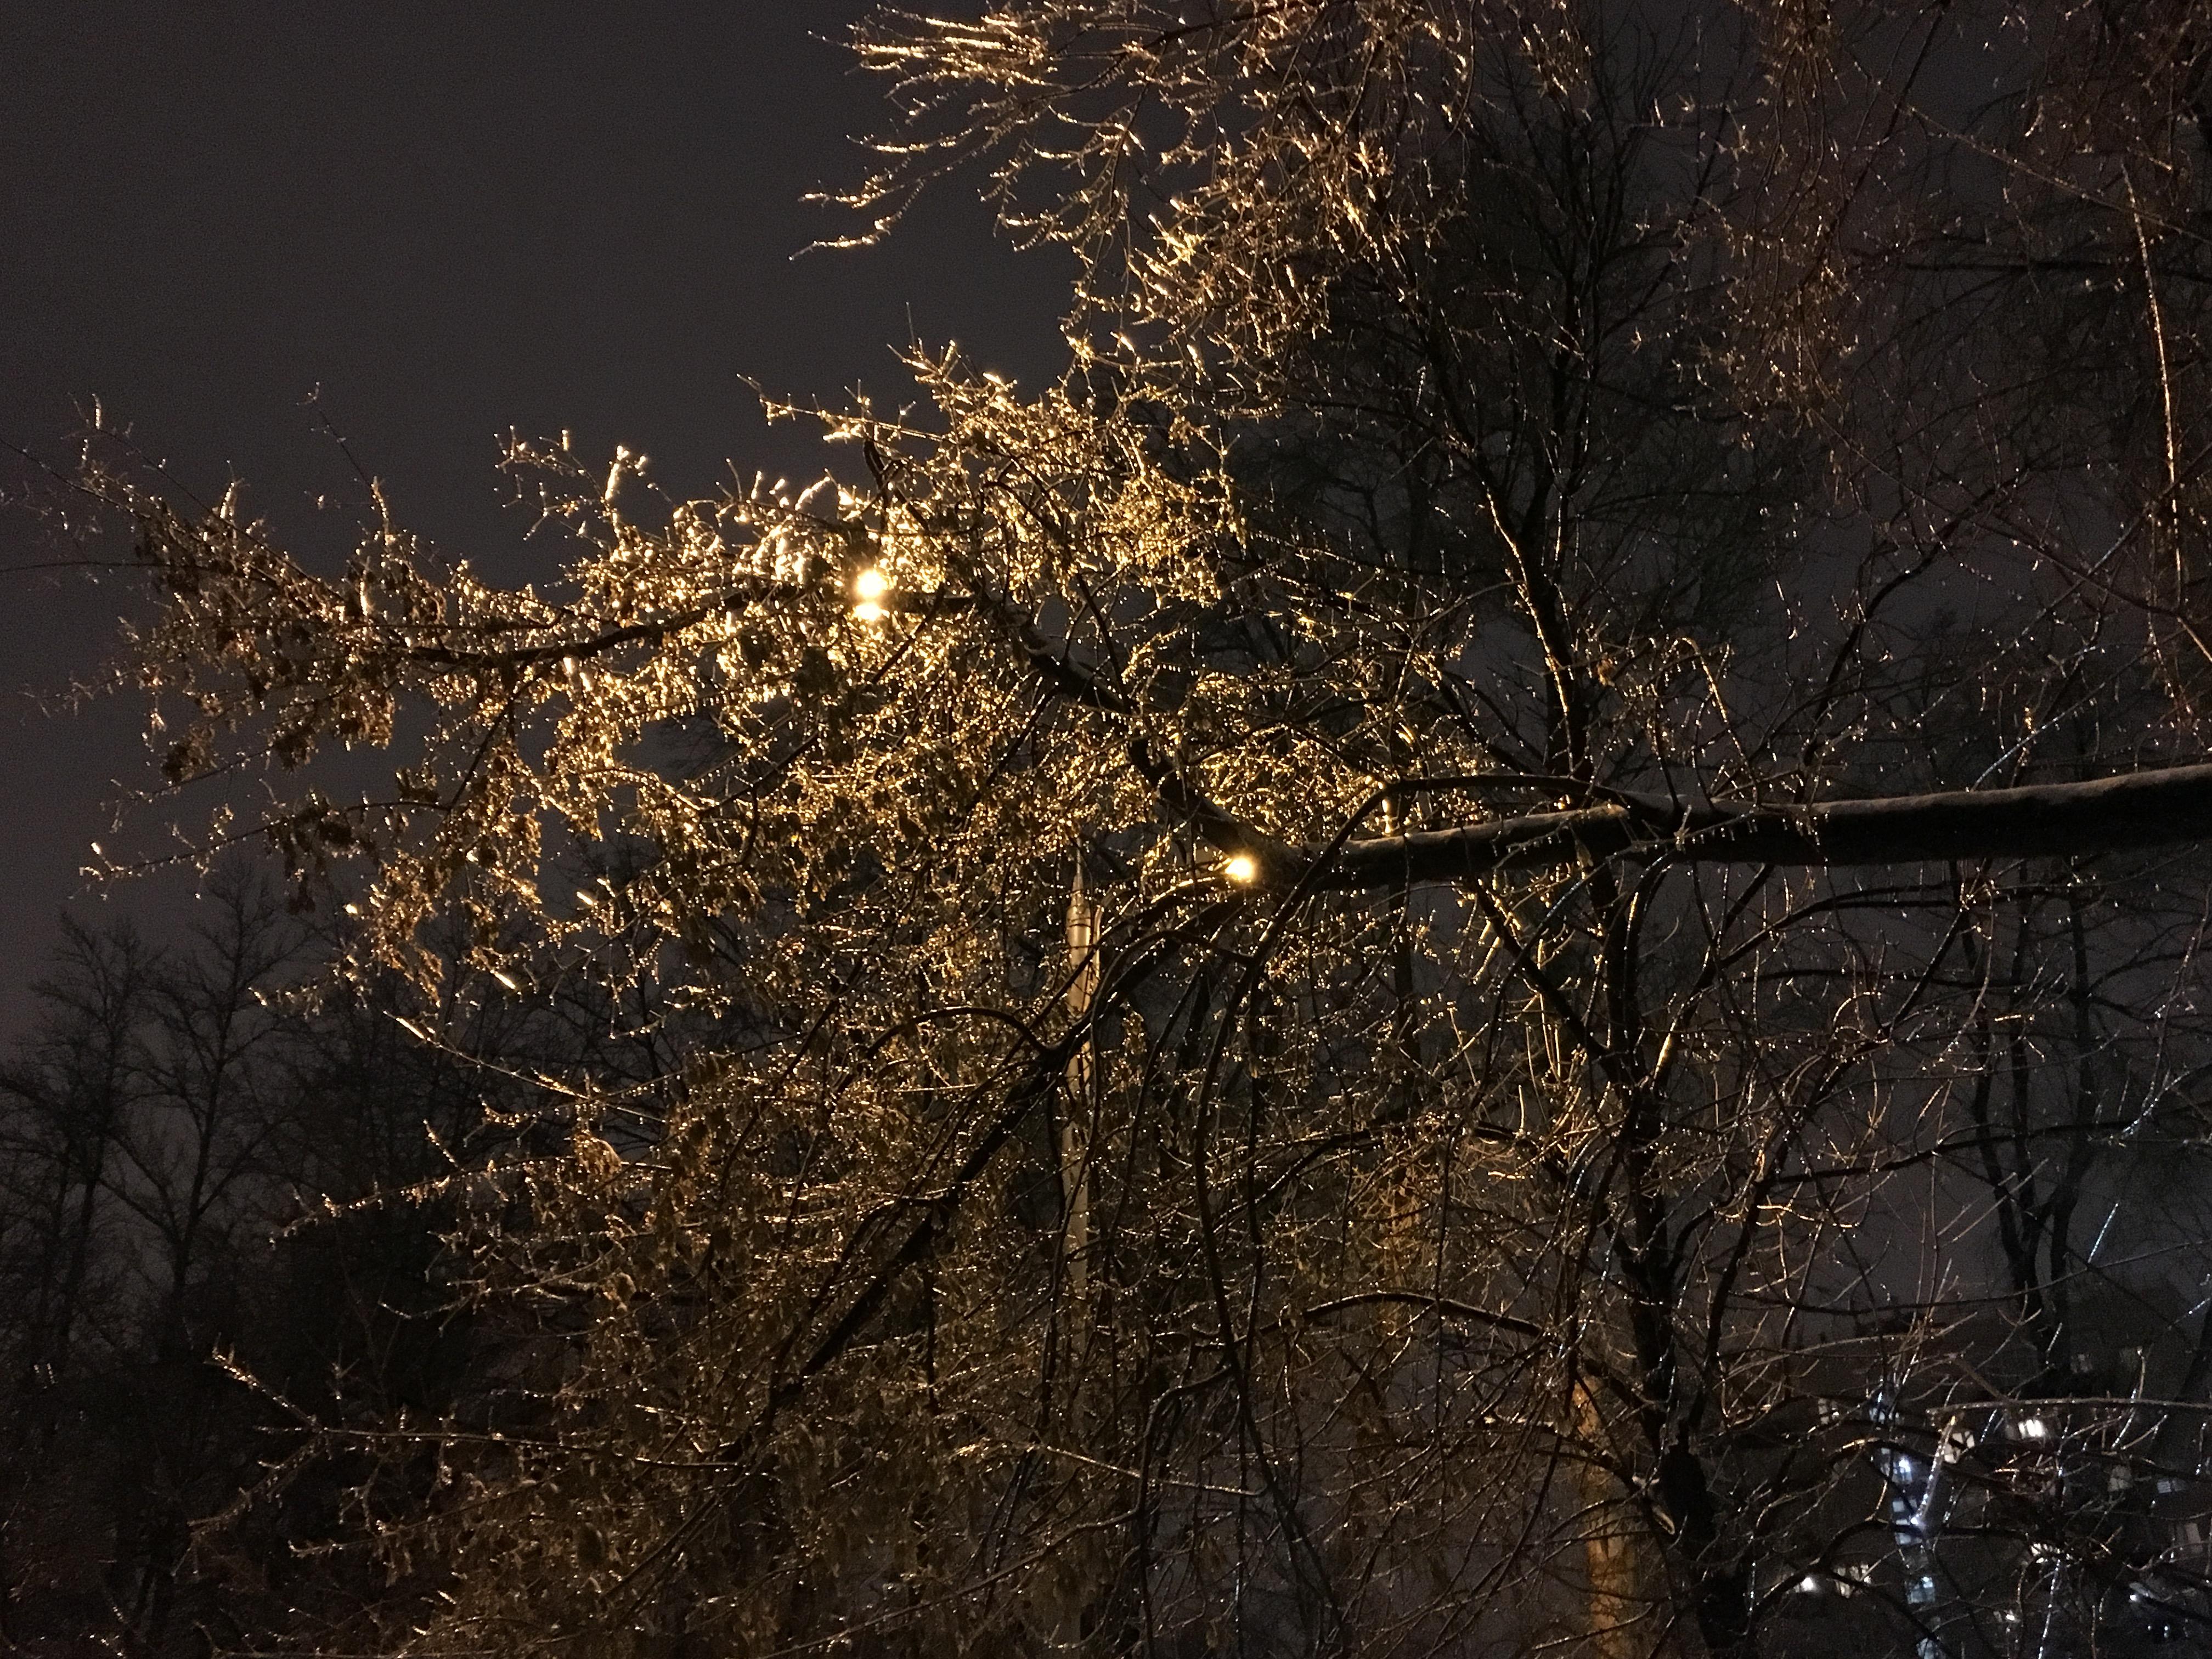 Ледяной дождь Москва стеклянные деревья пейзажи природы Альберт Сафиуллин